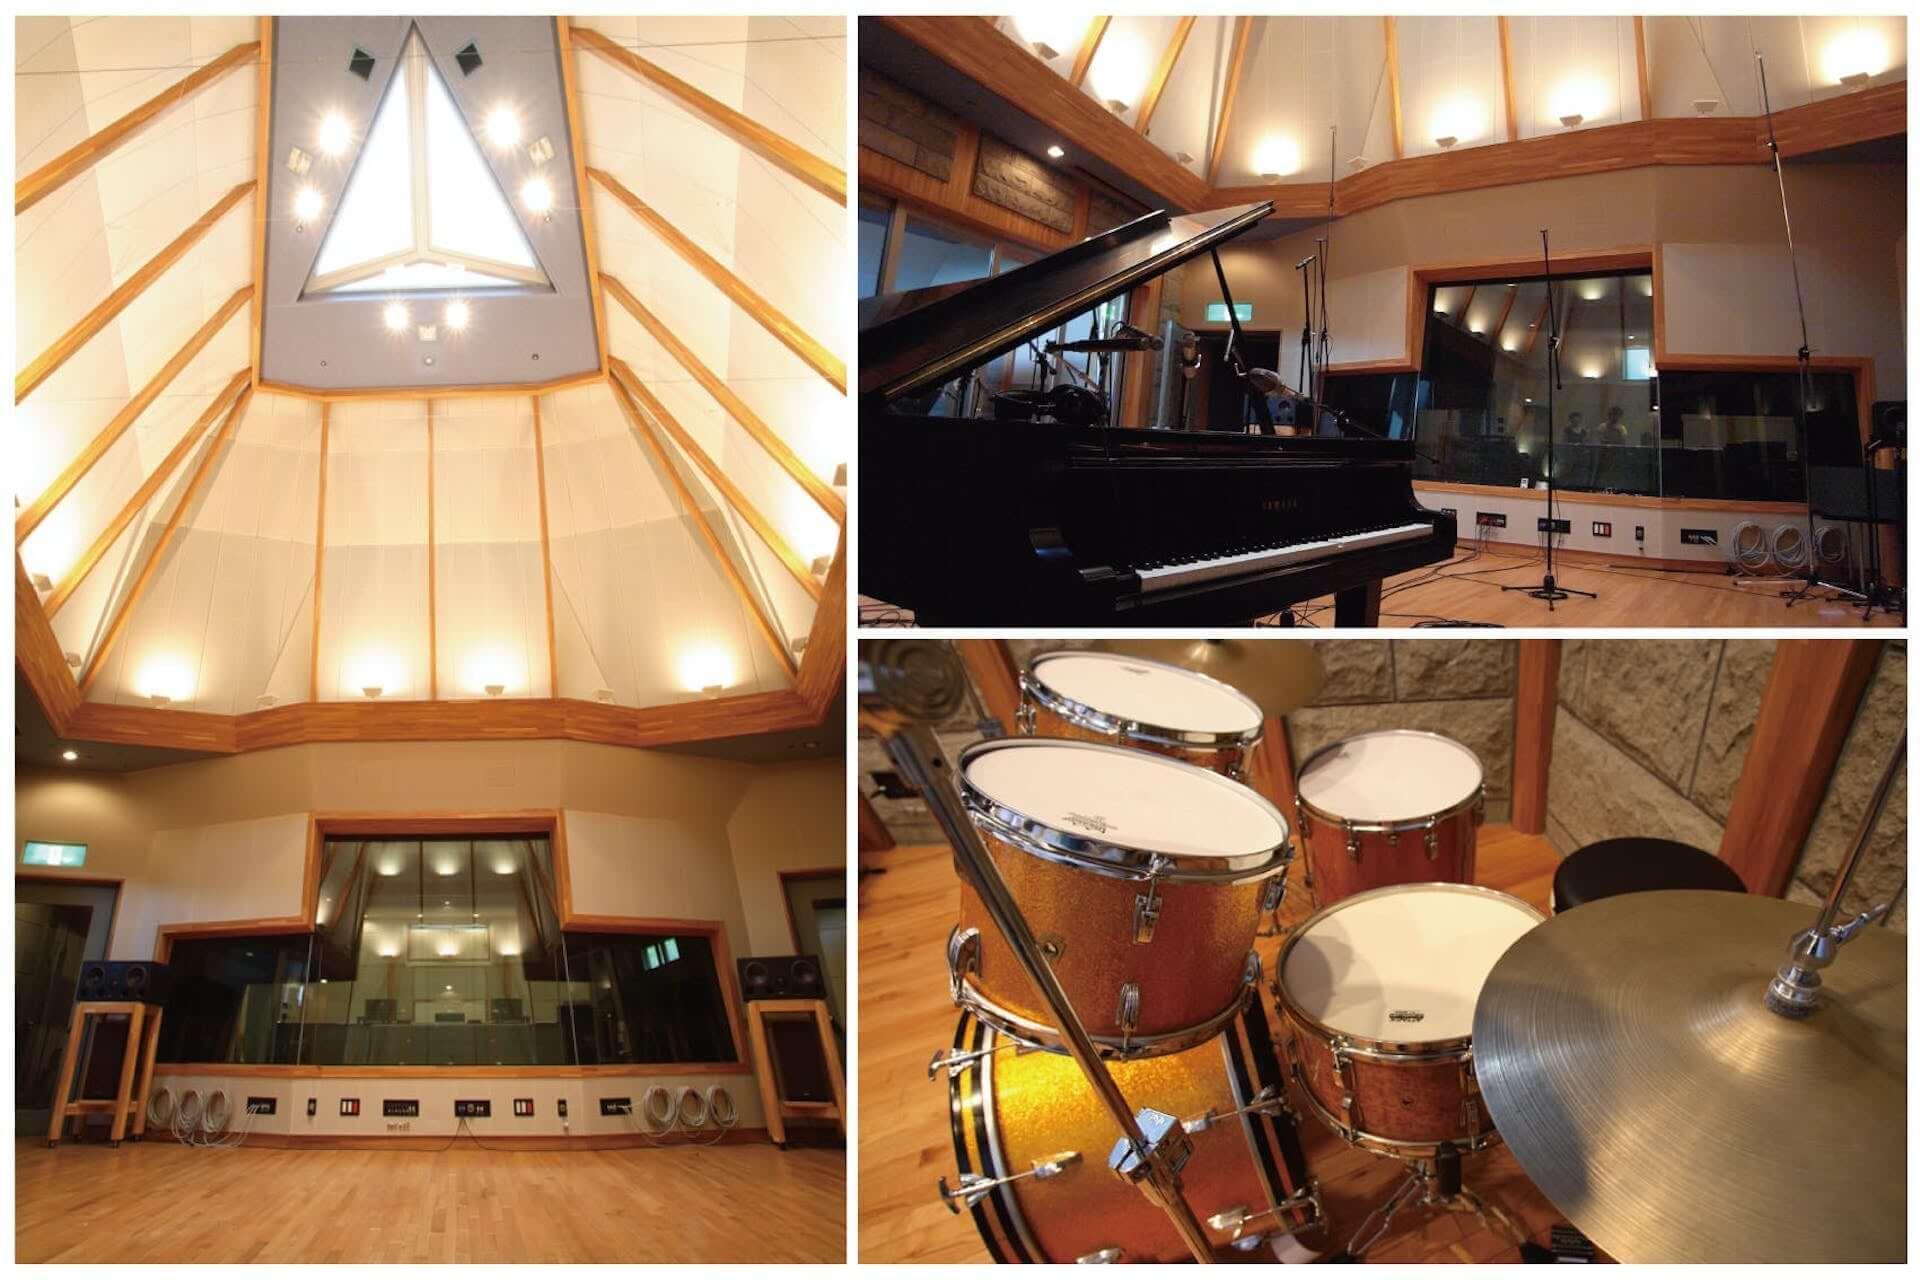 坂本龍一×大貫妙子のアルバムもレコーディングされた札幌「芸森スタジオ&CloudLodge」応援クラウドファンディングが実施中! art200707_sapporo_geimori_st_9-1920x1280